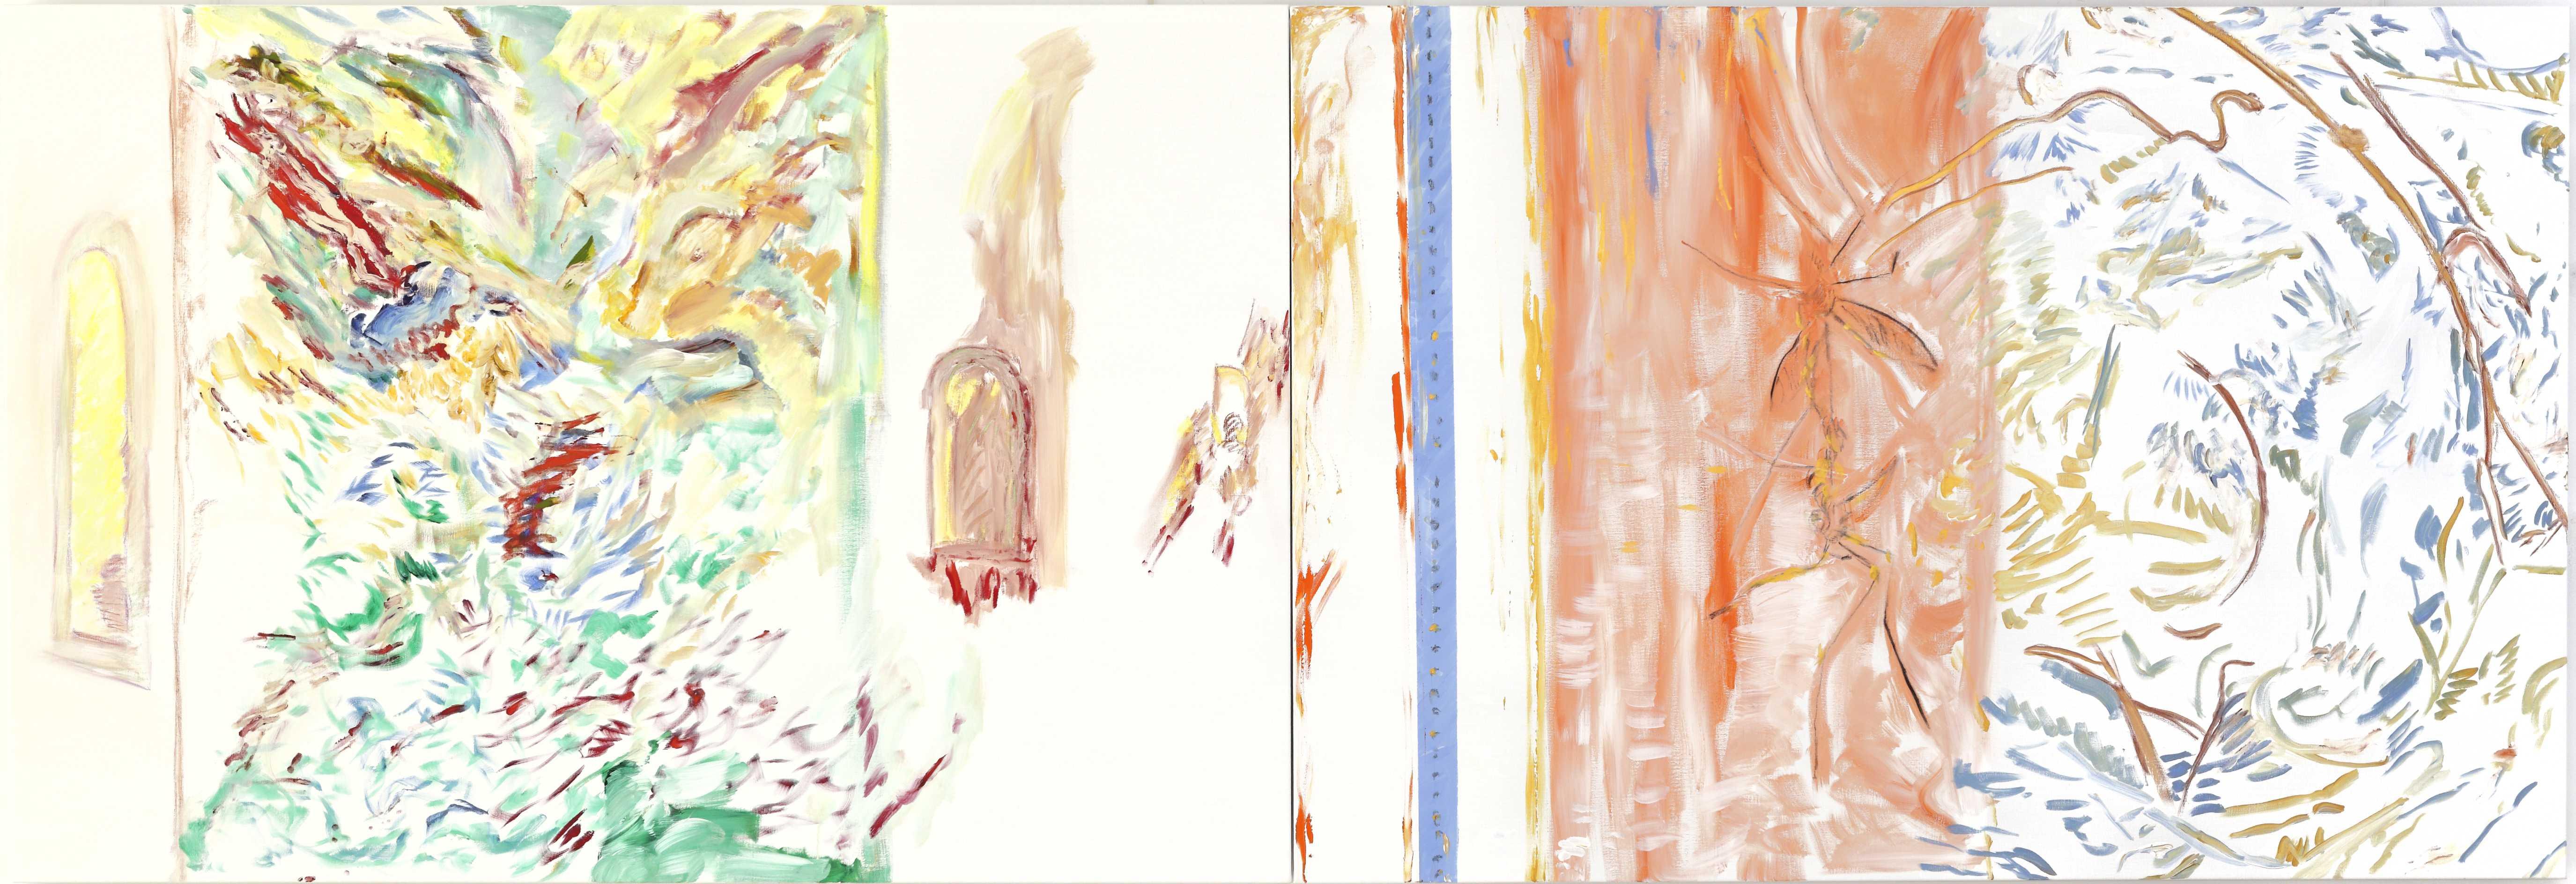 Union sacrée (acrylic and mixed media, 130 x 320 cm - diptych - 2014)